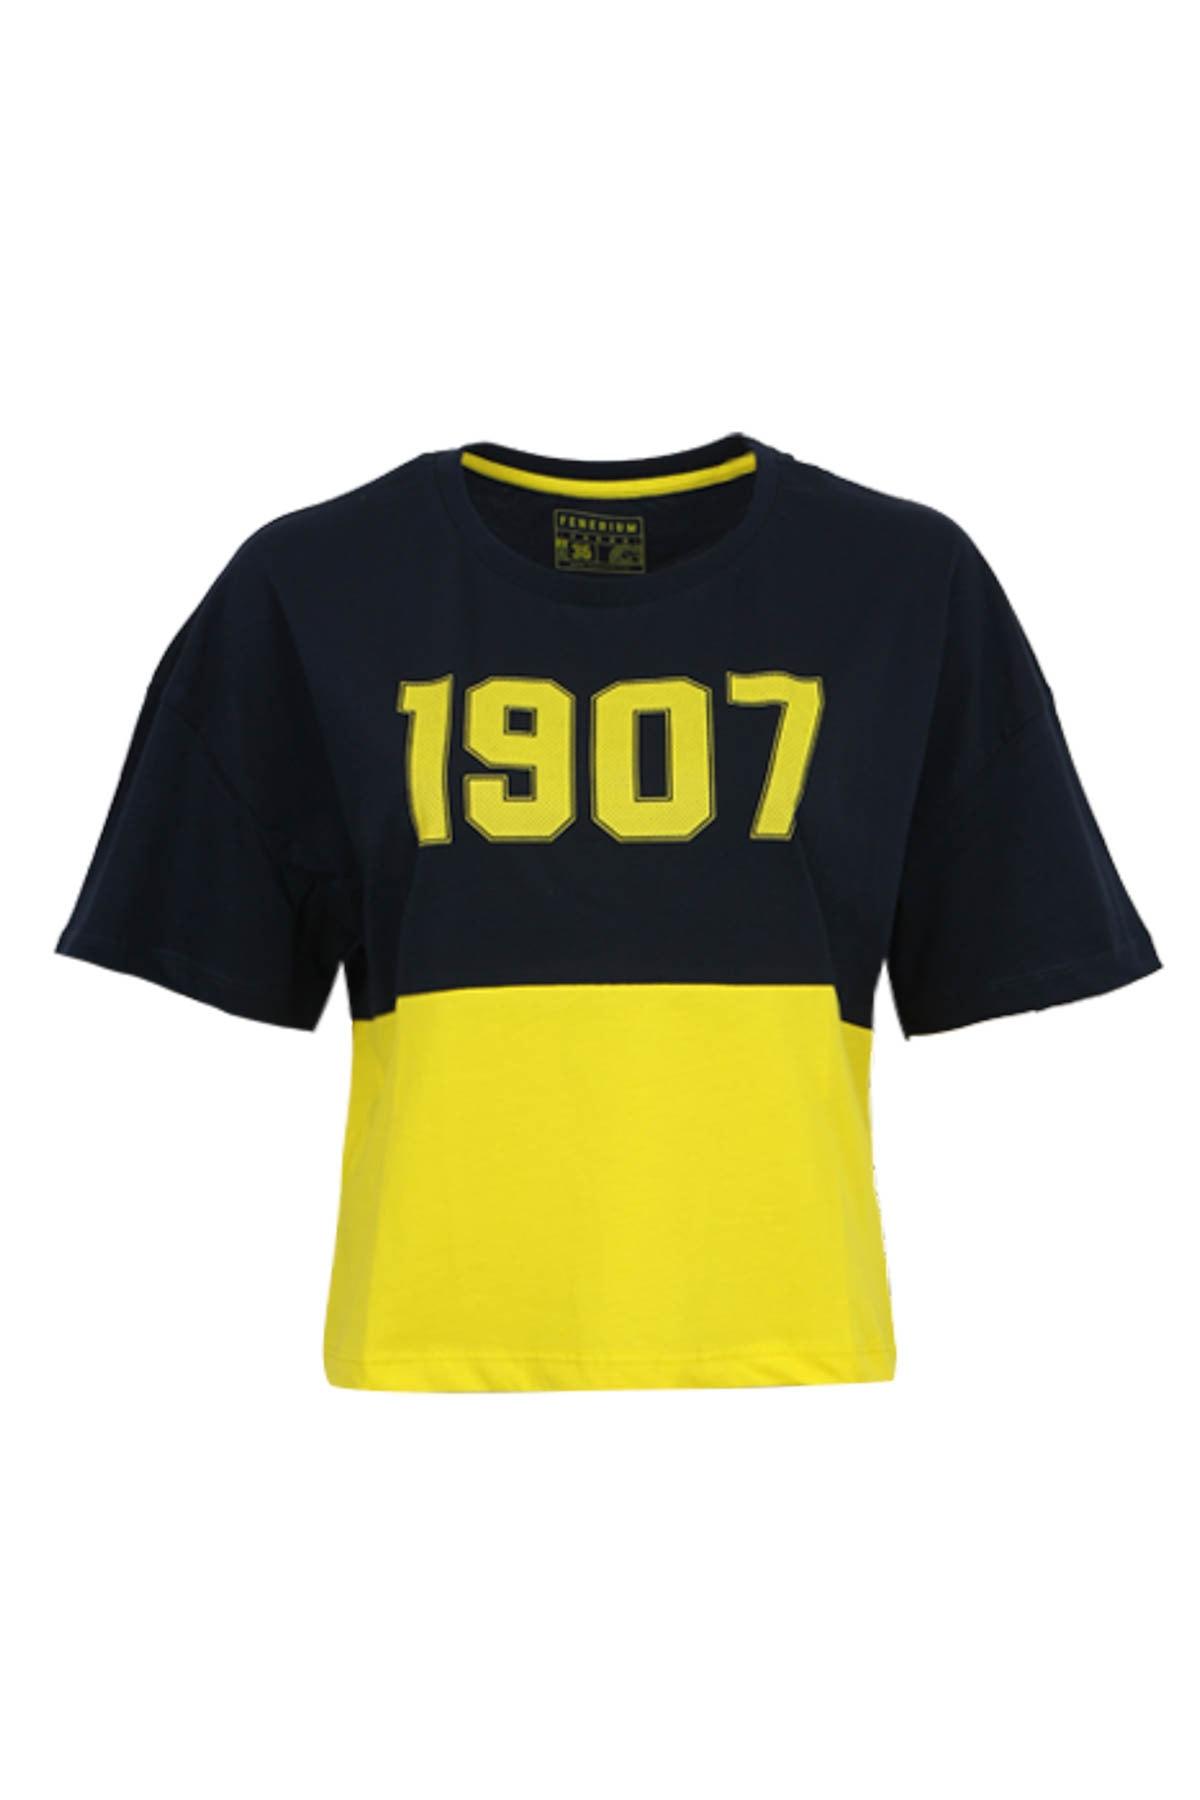 Fenerbahçe KADIN TREND 1907 TSHIRT 1